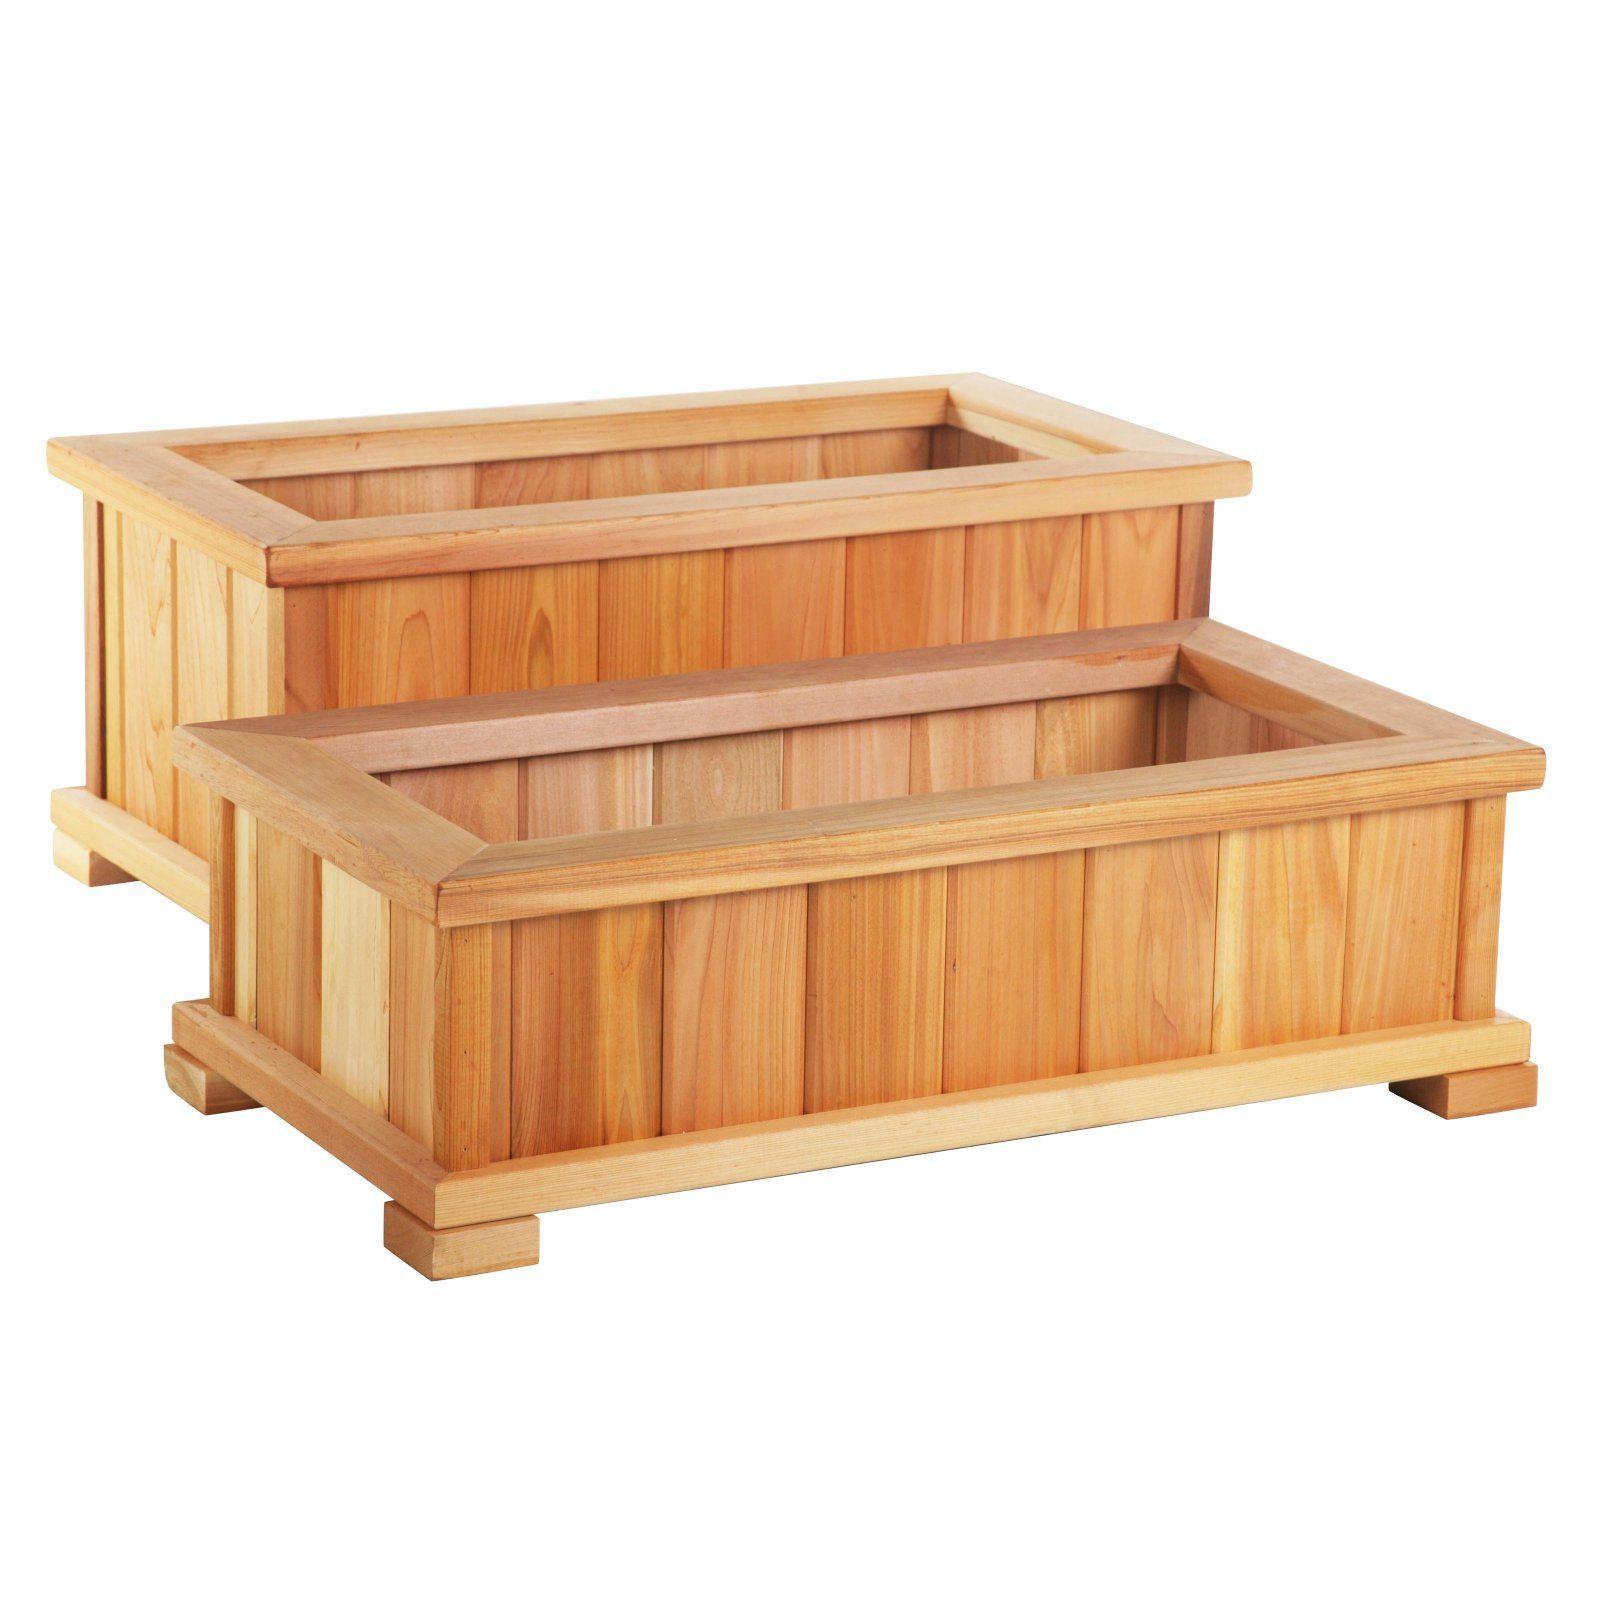 medium resolution of wooden planter box